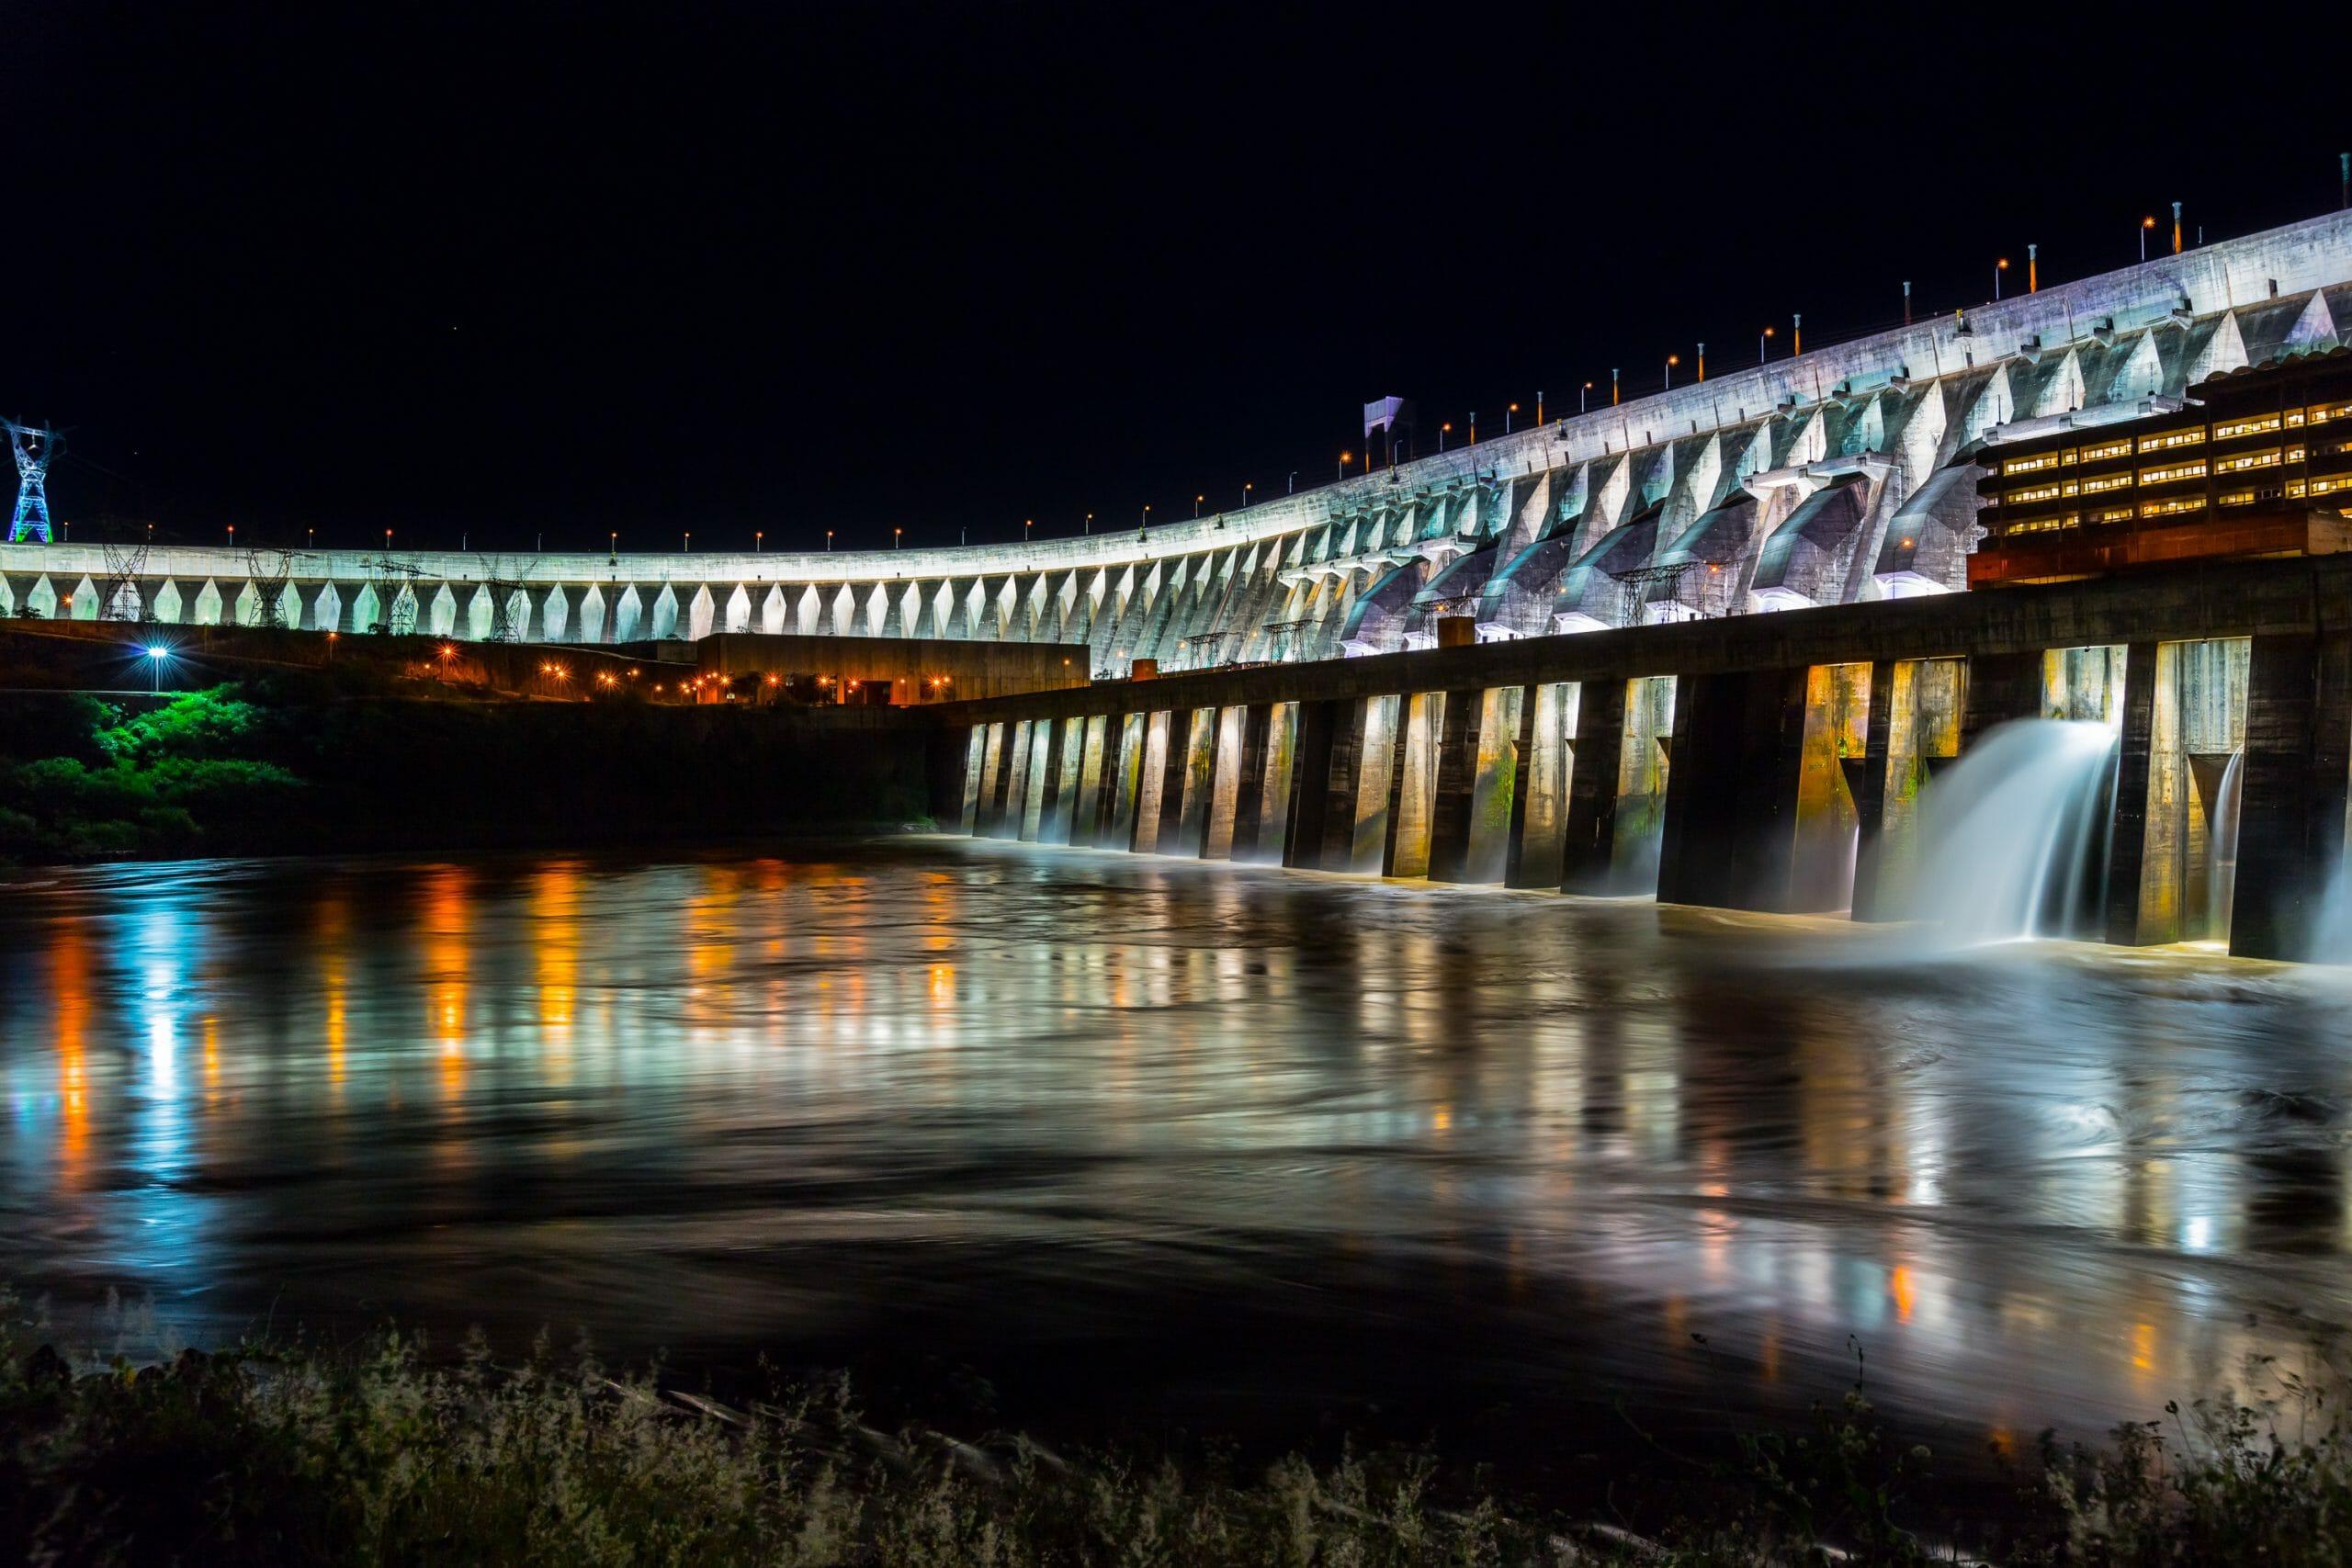 07 dicas do que fazer em Foz do Iguaçu à noite. Confira! Iluminação da Barragem de Itaipu